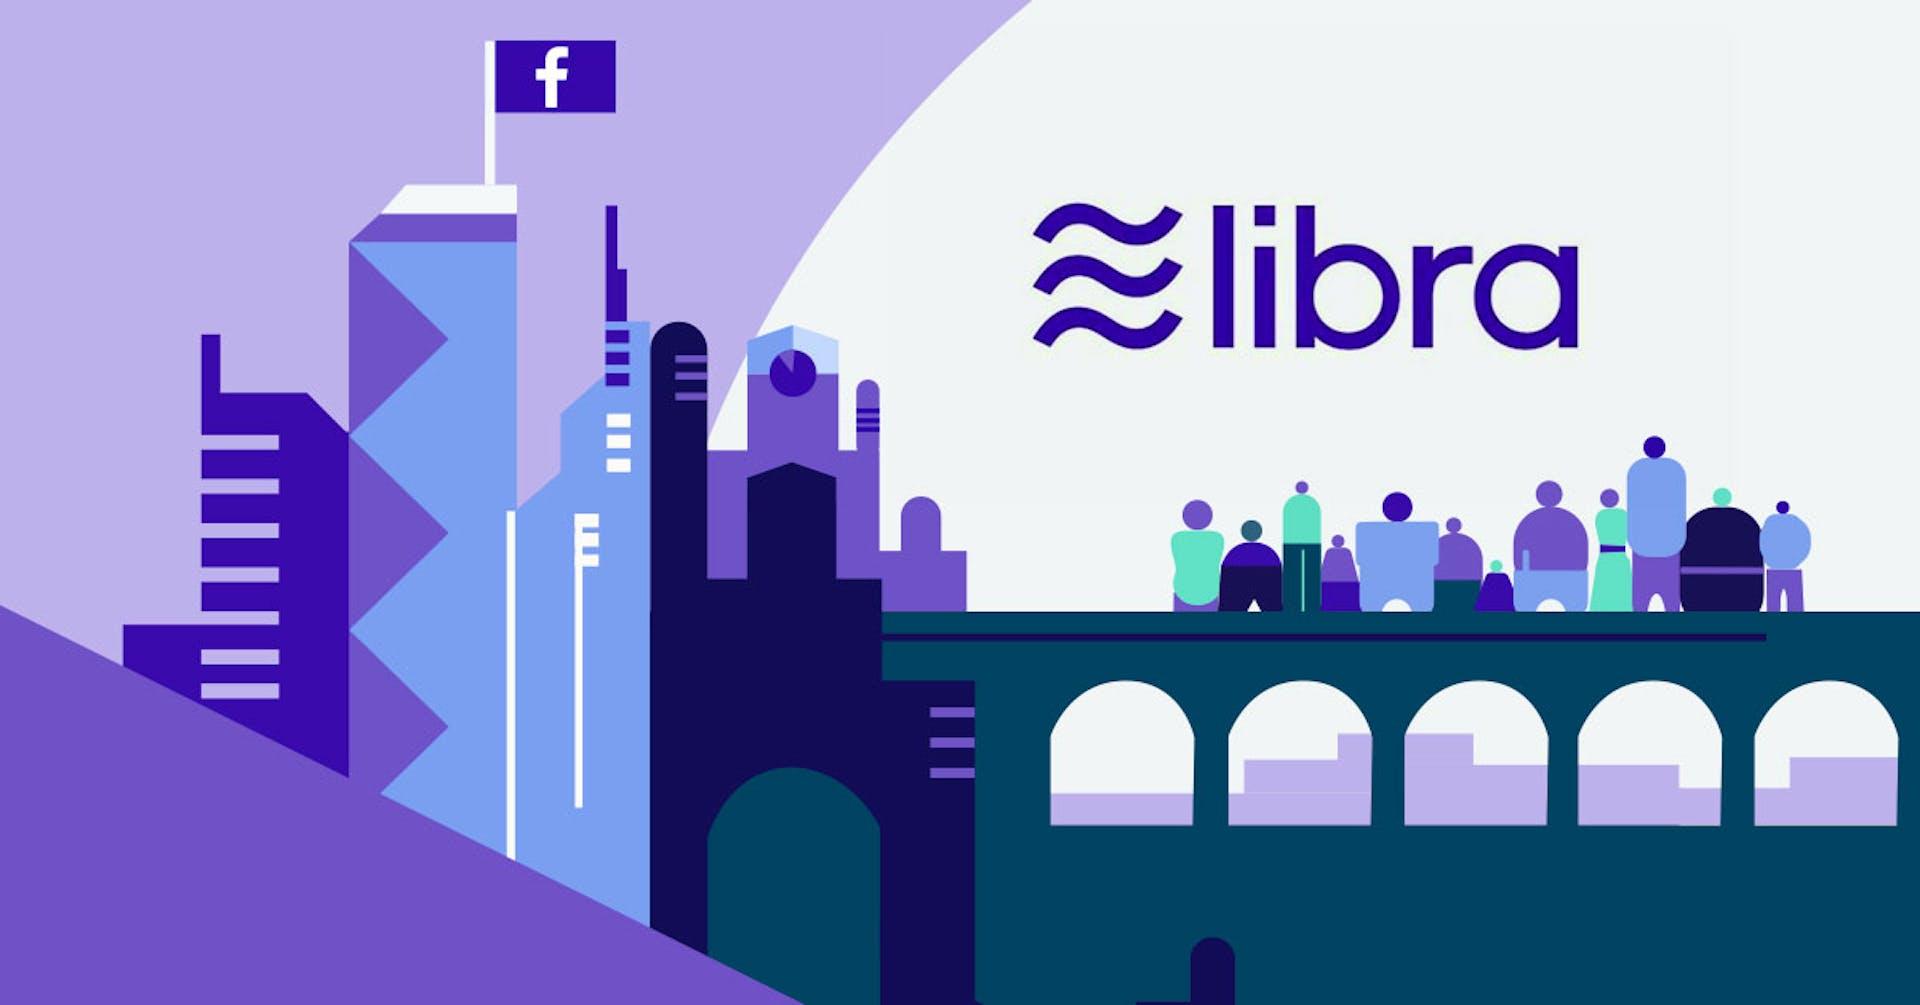 Todo lo que debes saber sobre Libra, la nueva criptomoneda de Facebook.